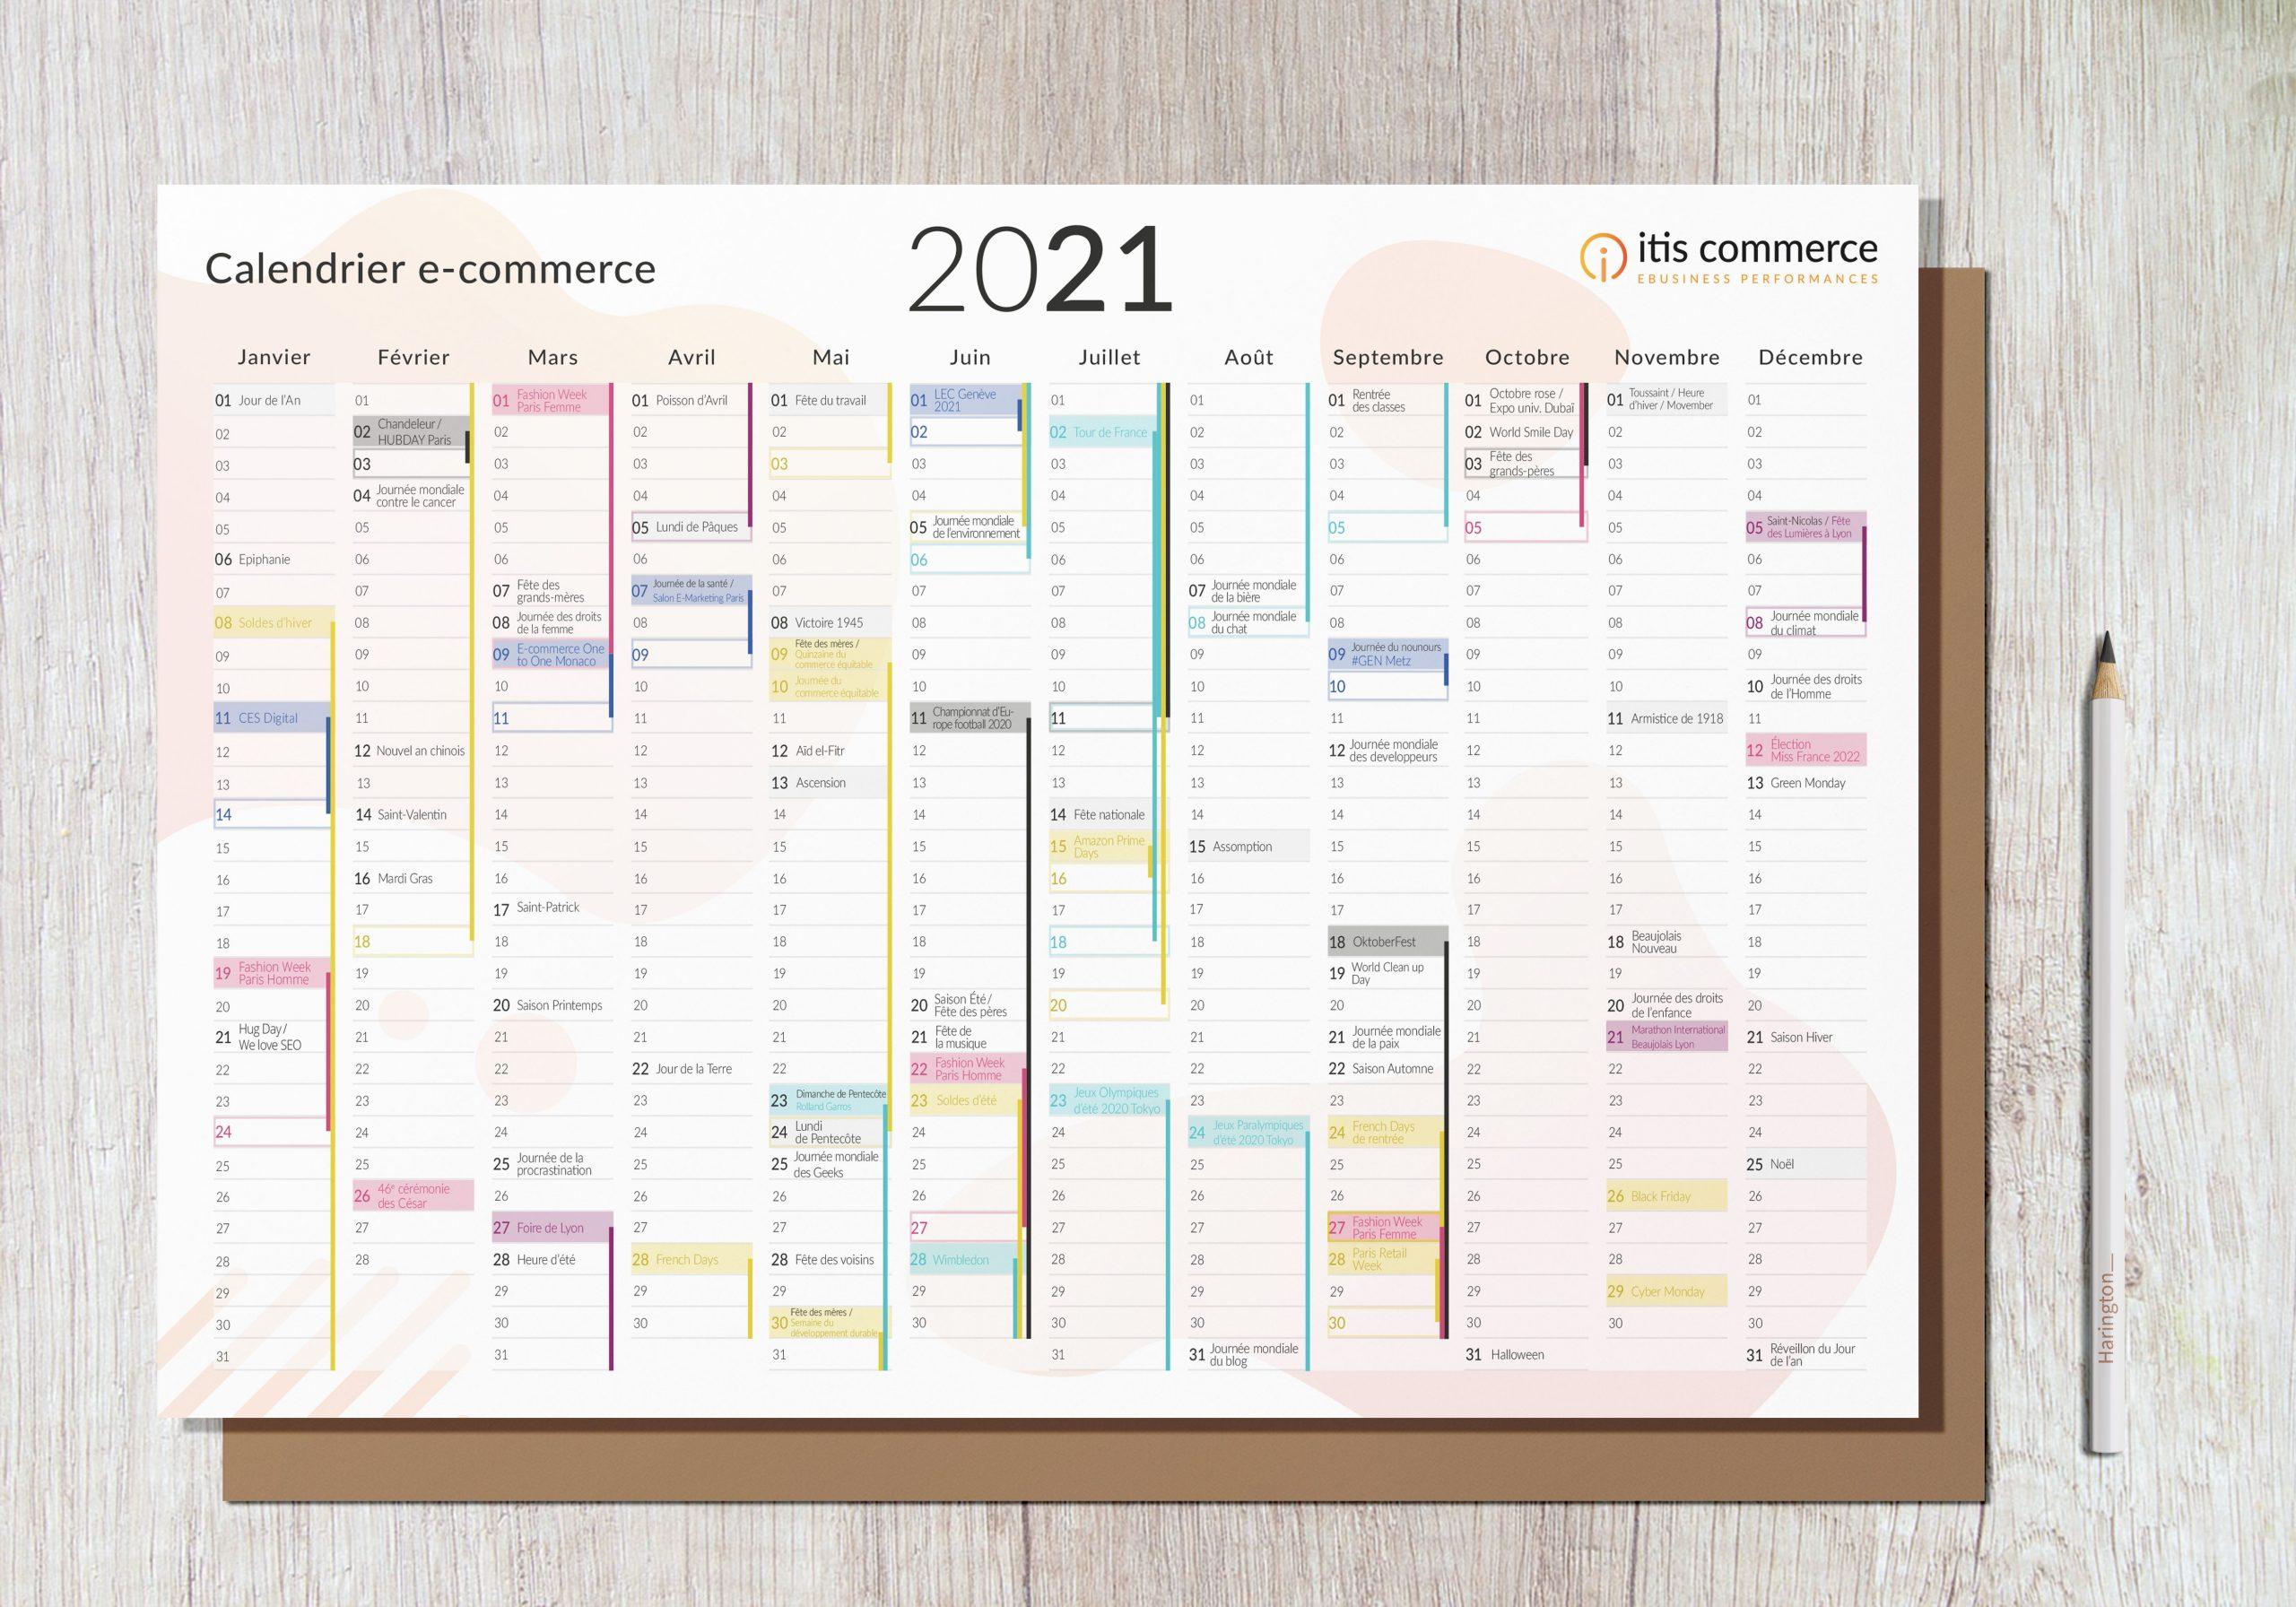 Calendrier Des Journées Mondiales 2022 Calendrier E Commerce 2021 : Tous les Evénements à Connaître !